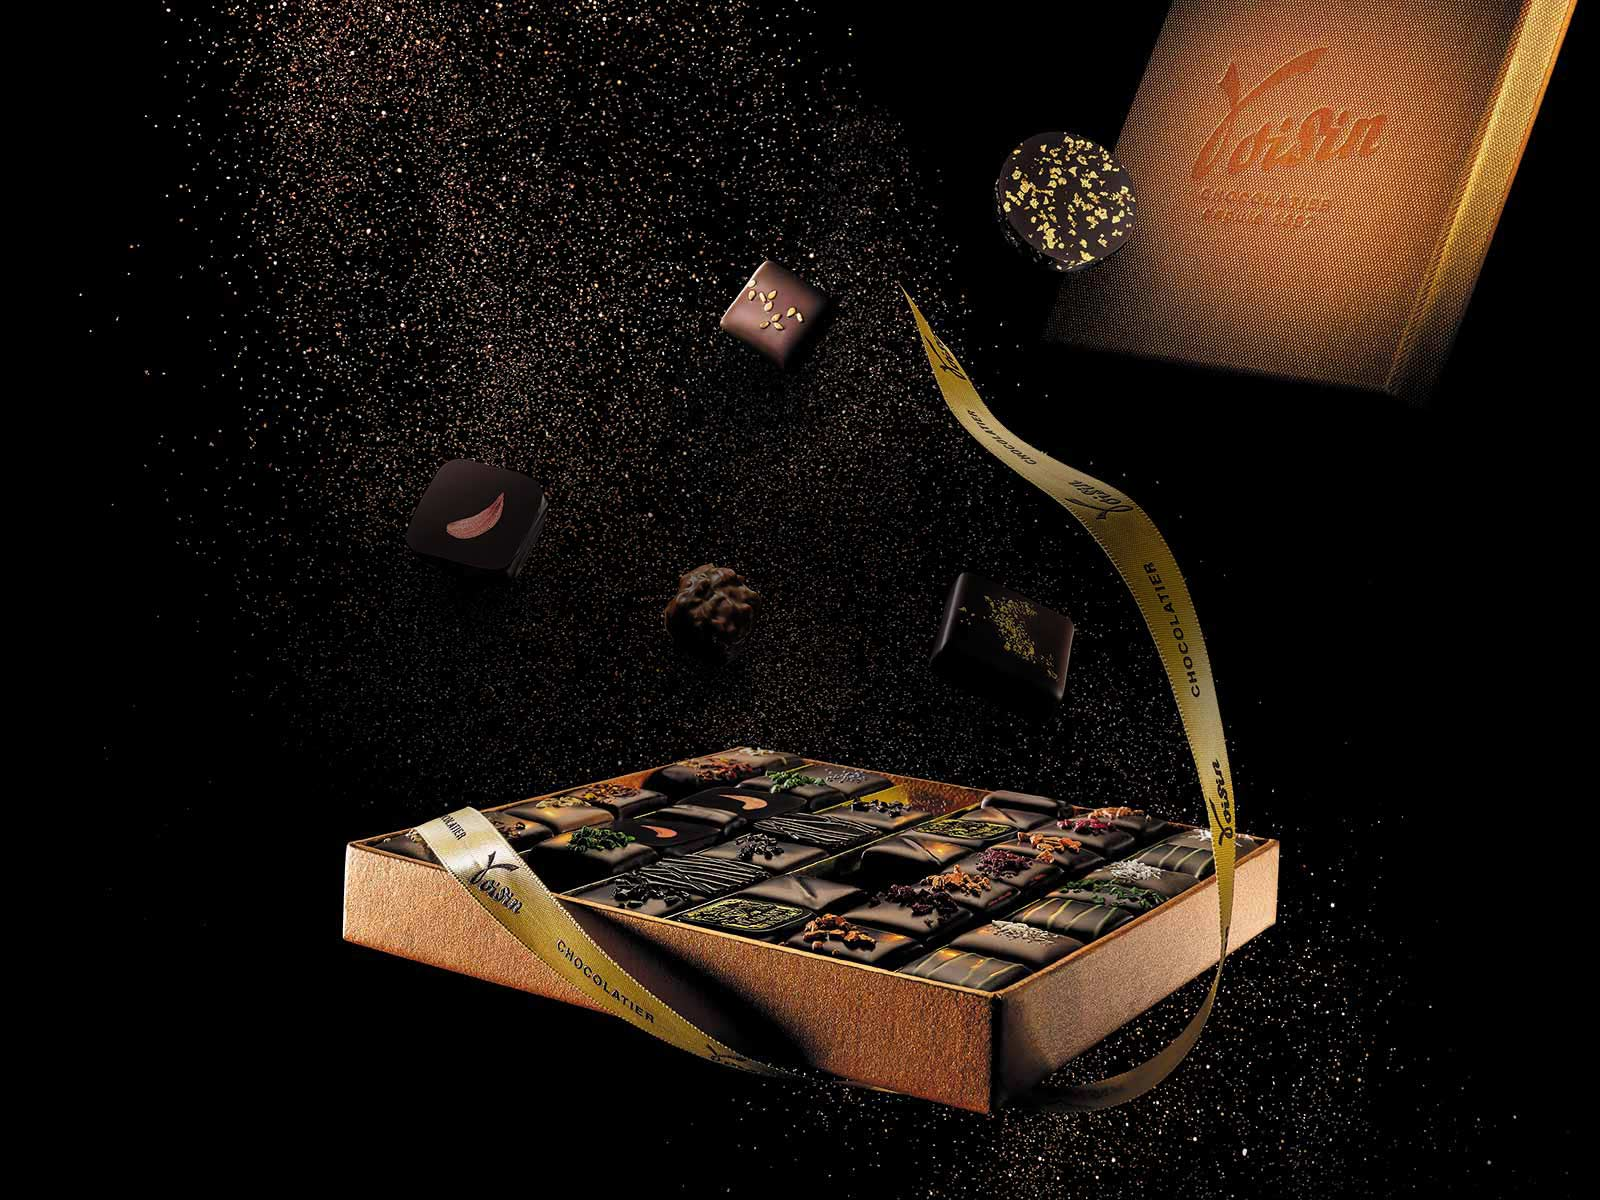 Chocolats Voisin en vitrine